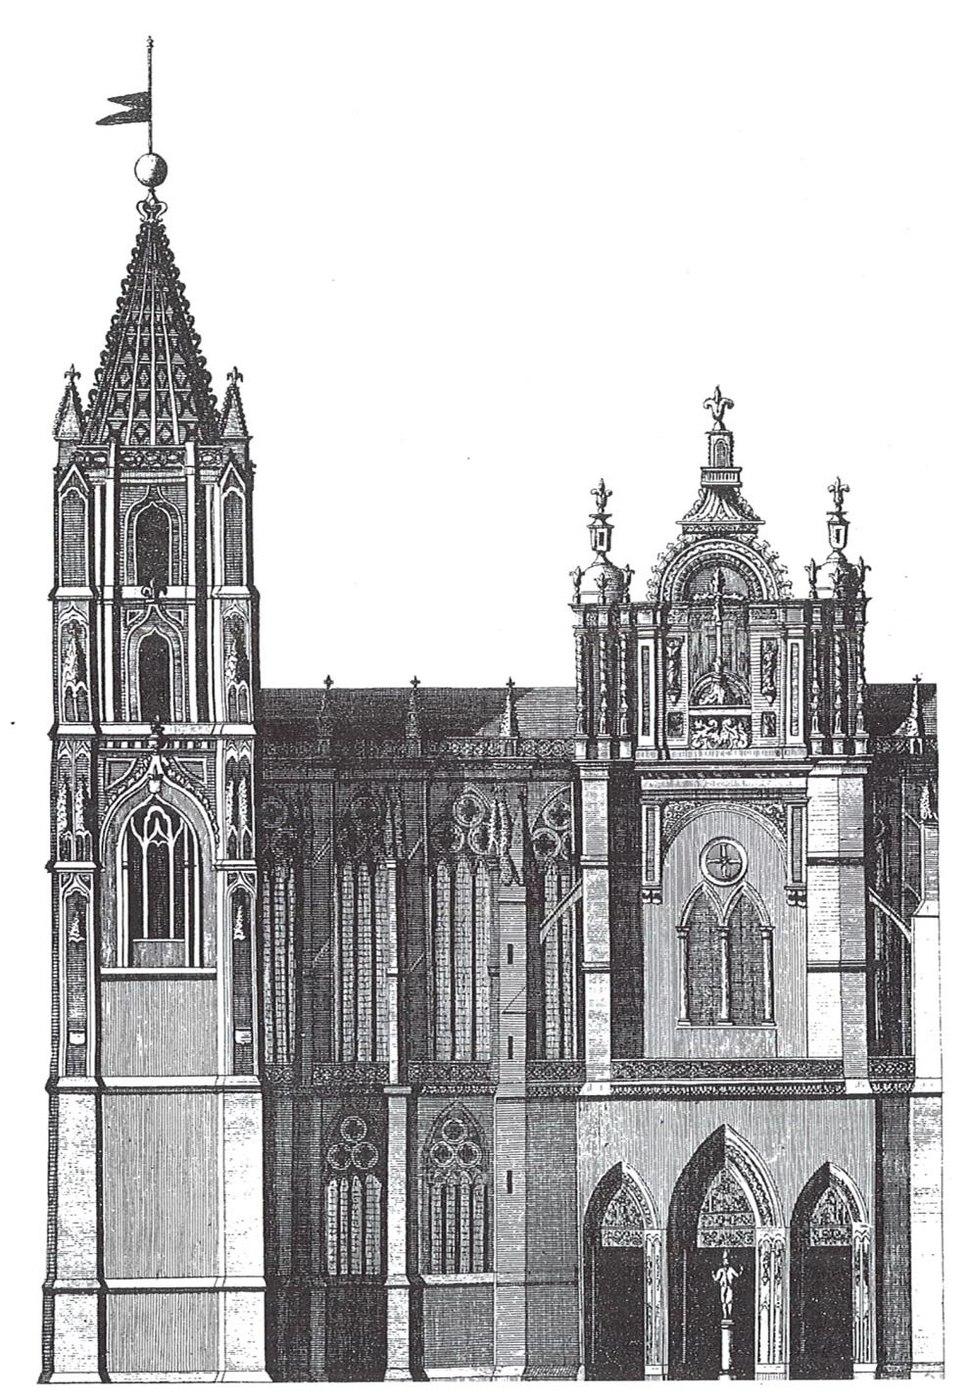 Antigua fachada sur barroca, catedral de León